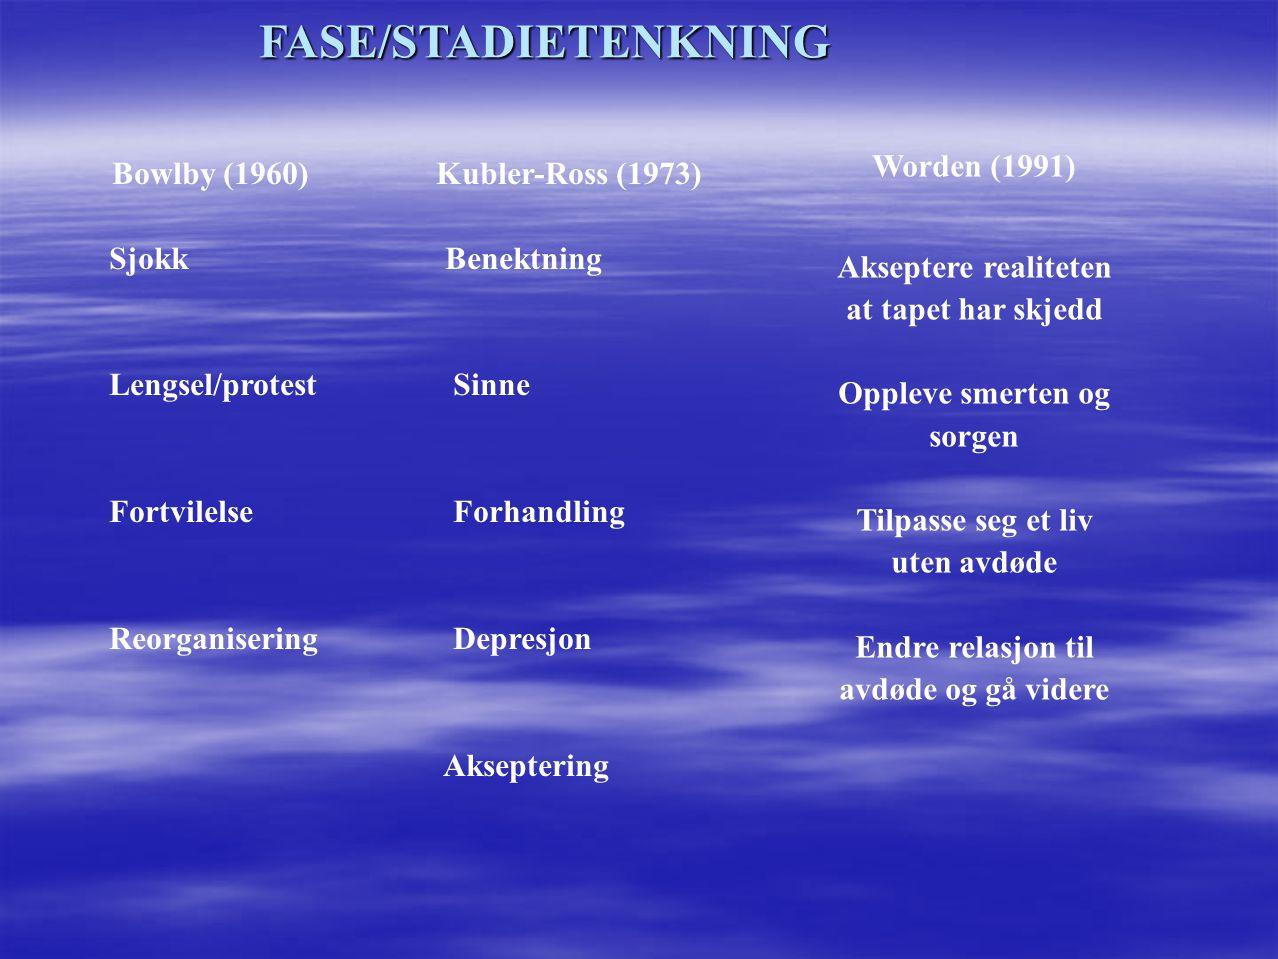 FASE/STADIETENKNING Bowlby (1960) Kubler-Ross (1973) Sjokk Benektning Lengsel/protest Sinne Fortvilelse Forhandling Reorganisering Depresjon Aksepteri